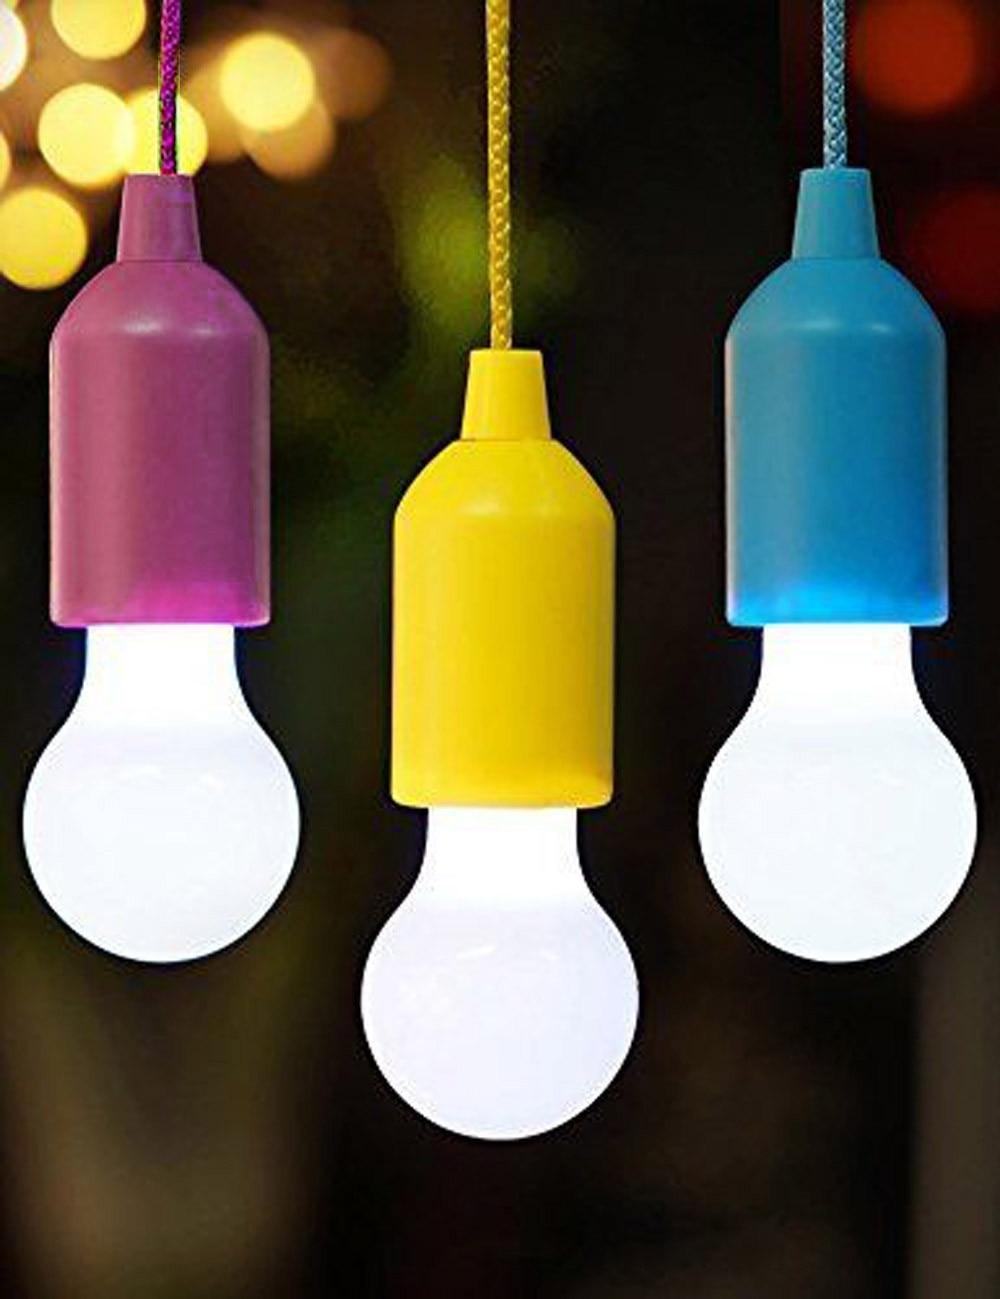 Переносная наружная подвеска лампа для тента на кемпинге ночной Светильник s питание от 3 * AAA батарея ночной Светильник Светодиодный лампа ф...